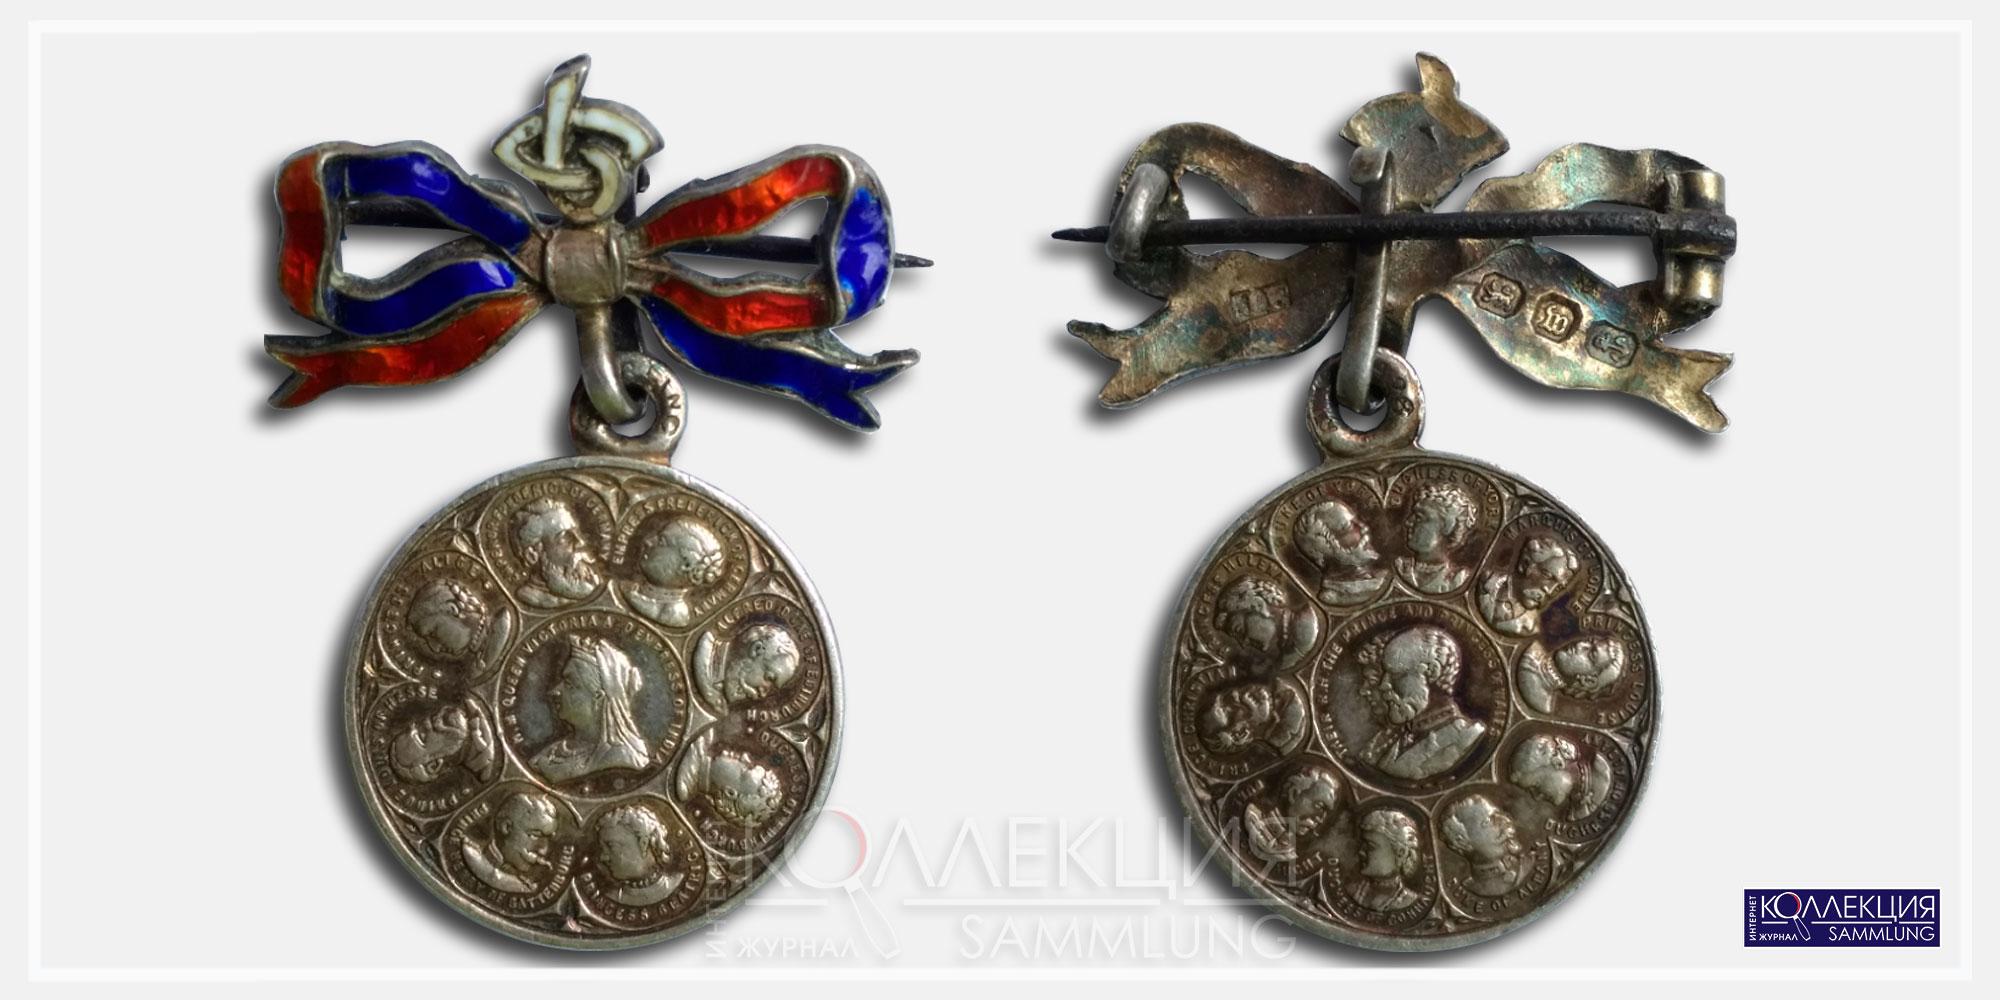 Медалевидный жетон (медалет) с портретом королевы Виктории и членами британского королевского дома. Thomas Fattorini, Бирмингем, 1896. Серебро, горячие эмали. Диаметр медали 19,5 мм, высота 35 мм. Коллекция М.М. Тренихина